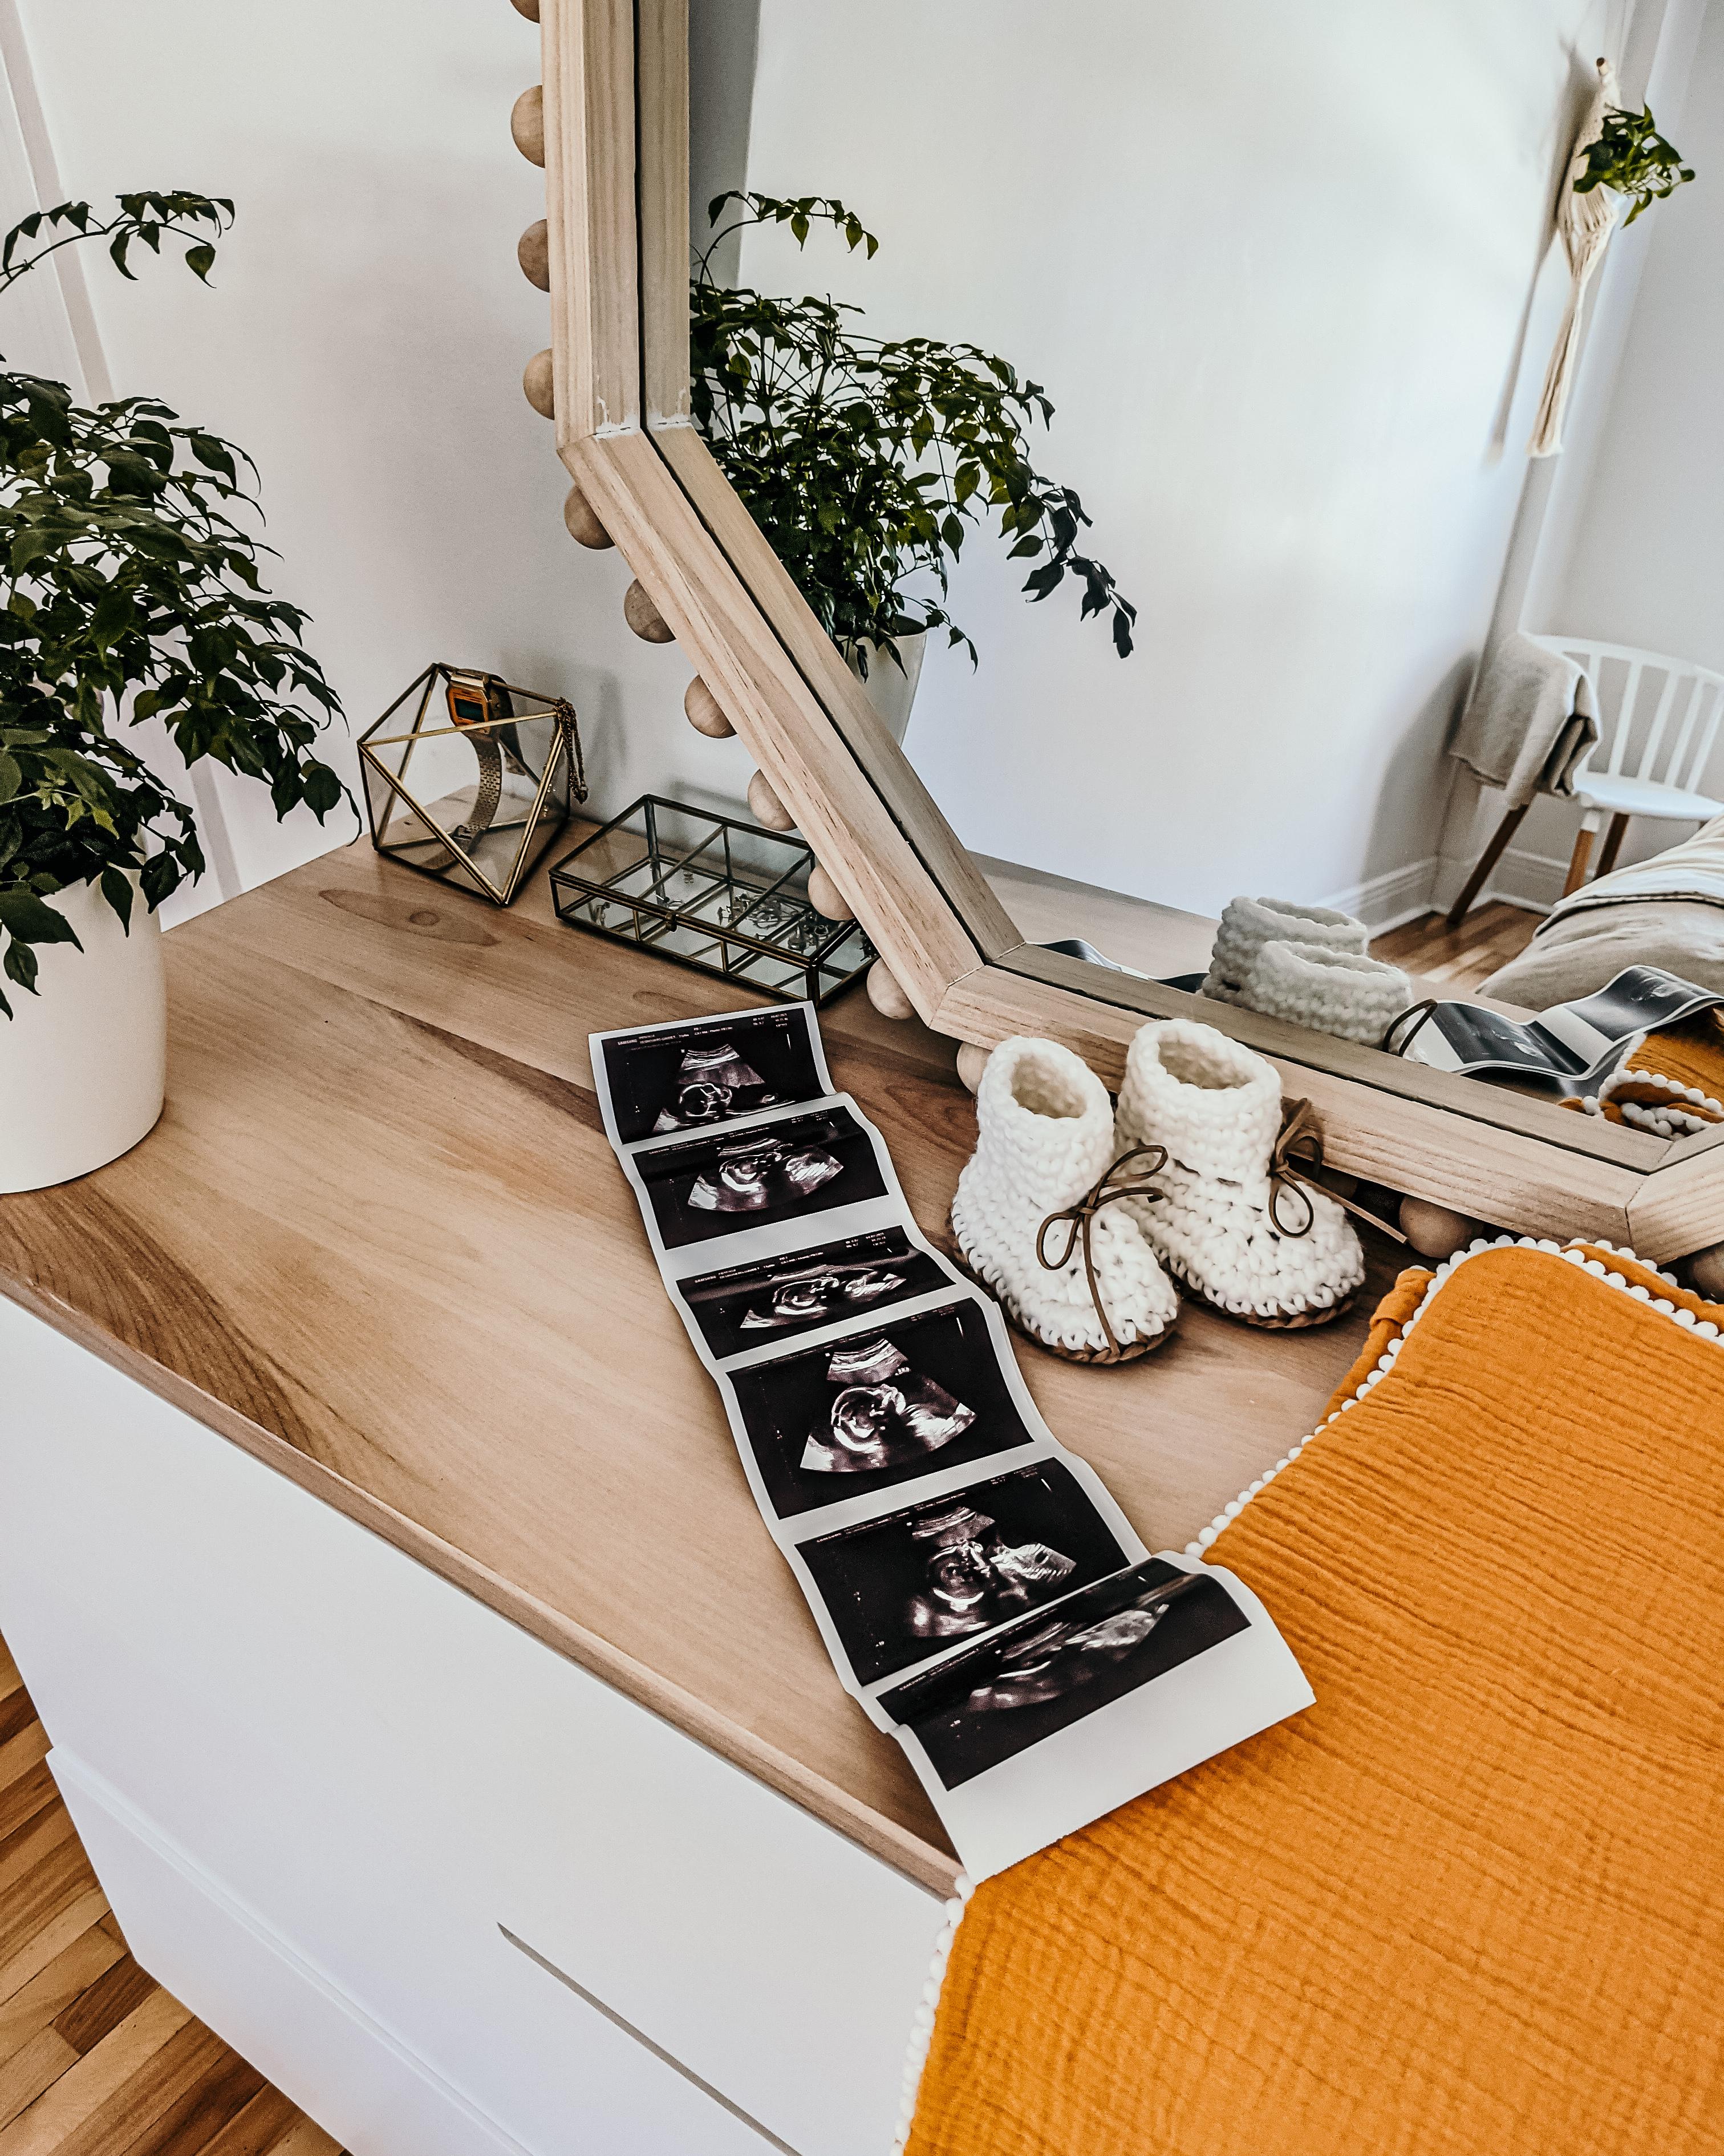 camille dg échographie bébé